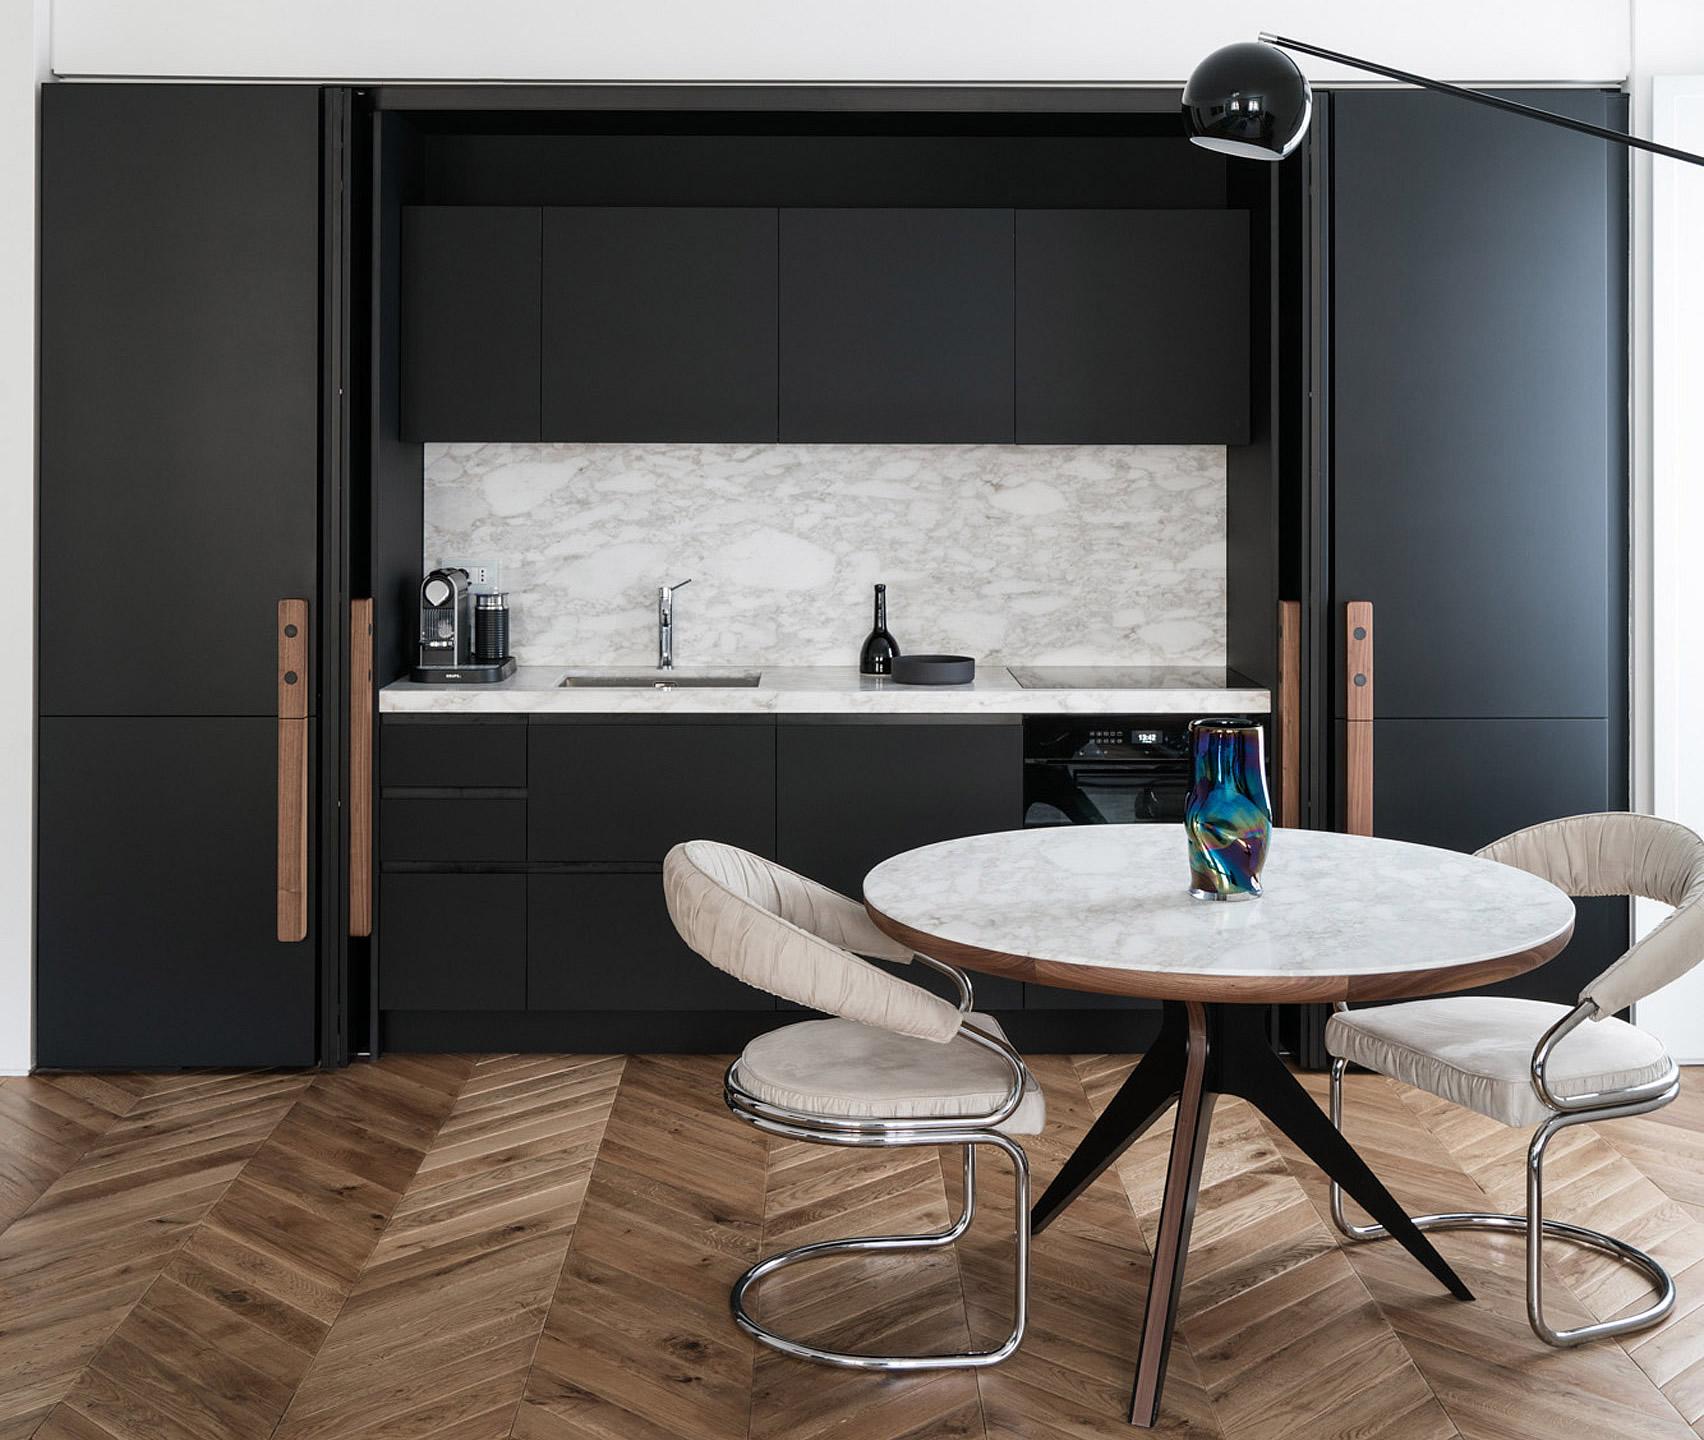 Два свързани апартамента разкриват дизайн от 50-те и 70-те